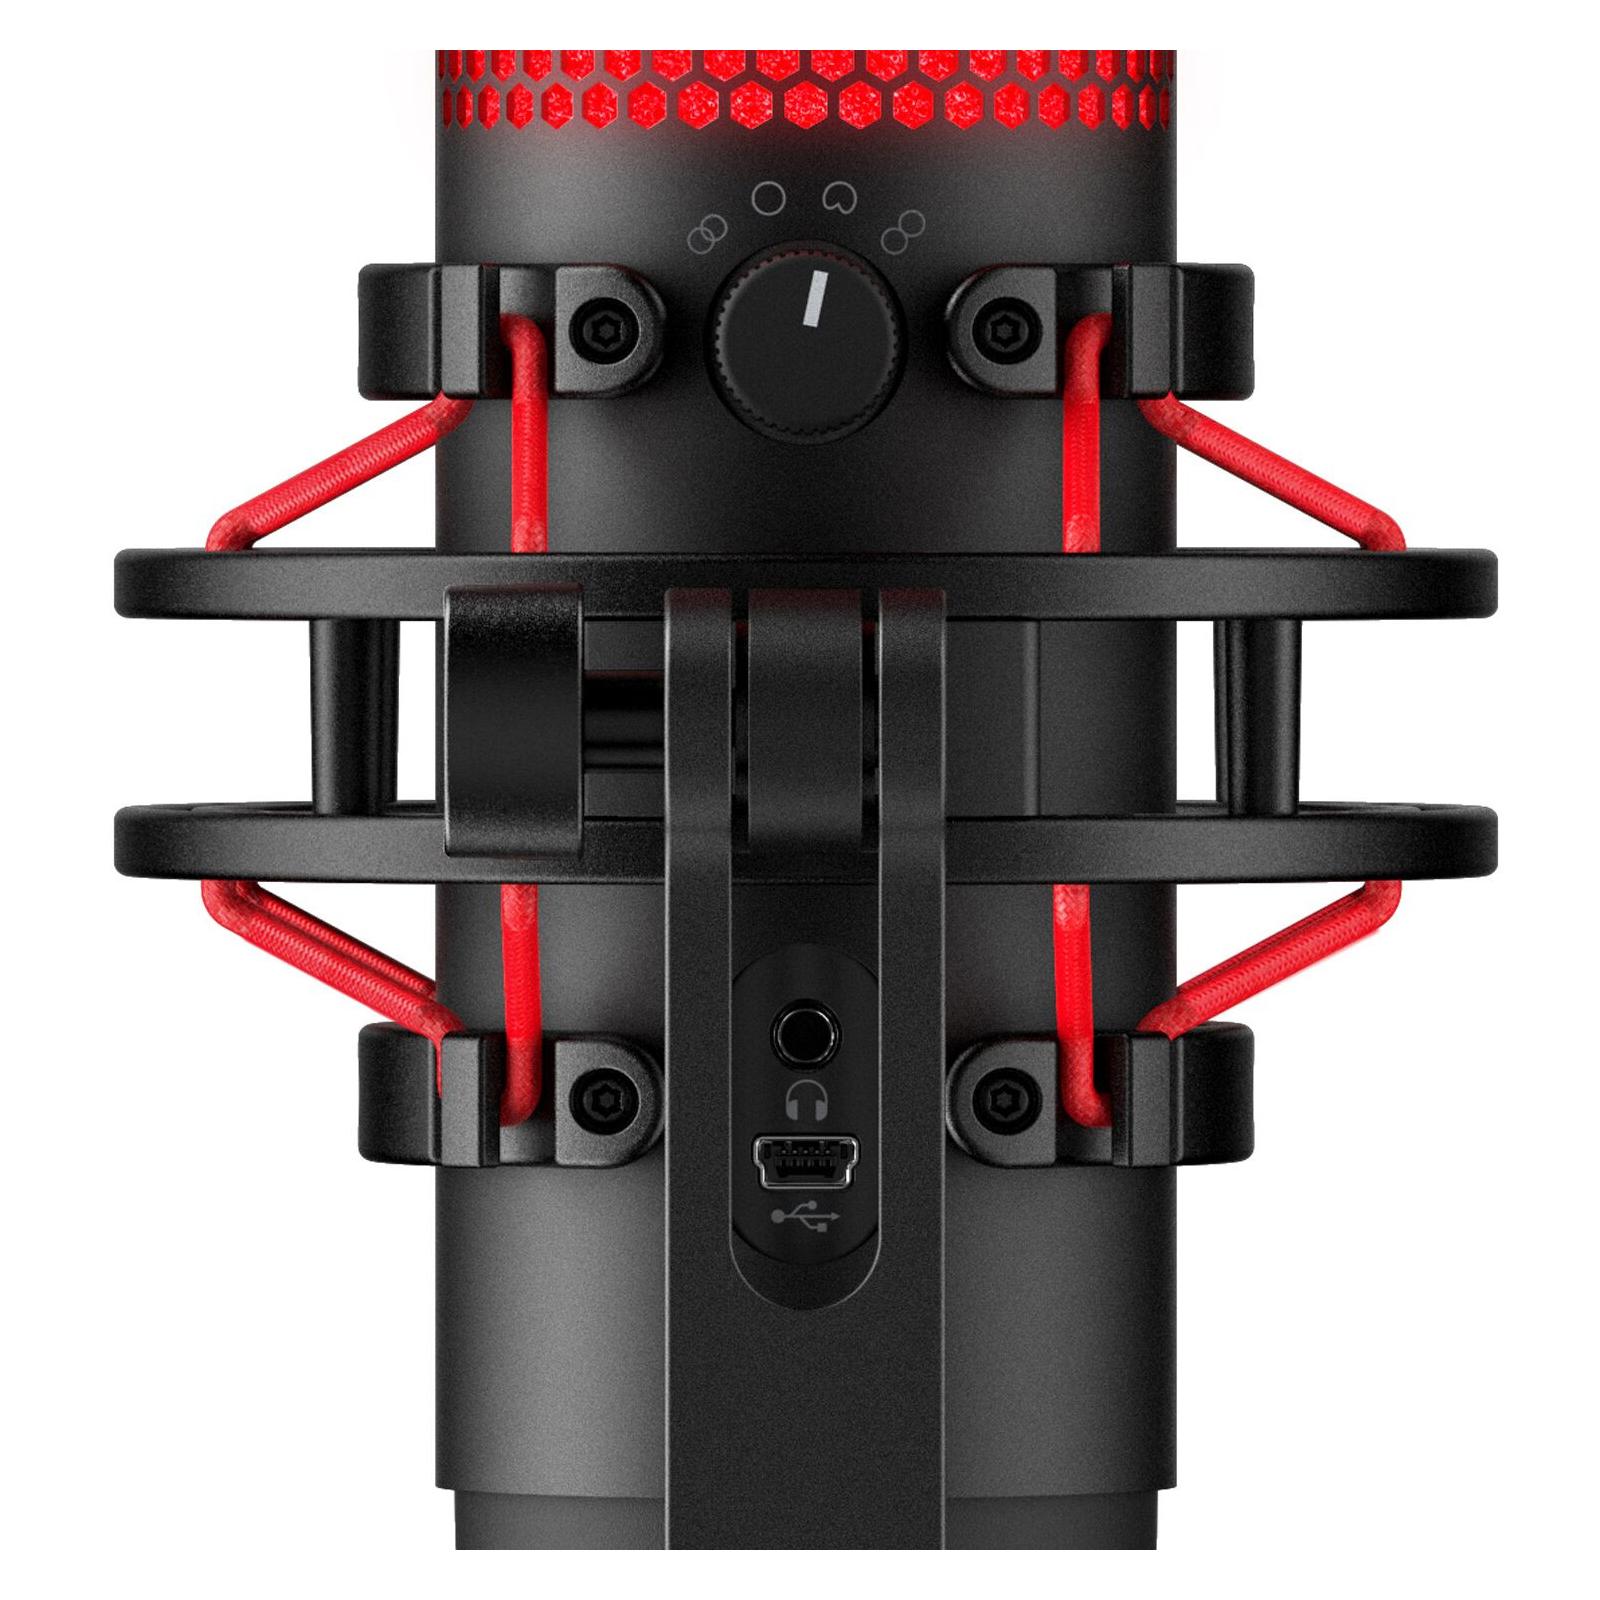 Мікрофон HyperX Quadcast (HX-MICQC-BK) зображення 5